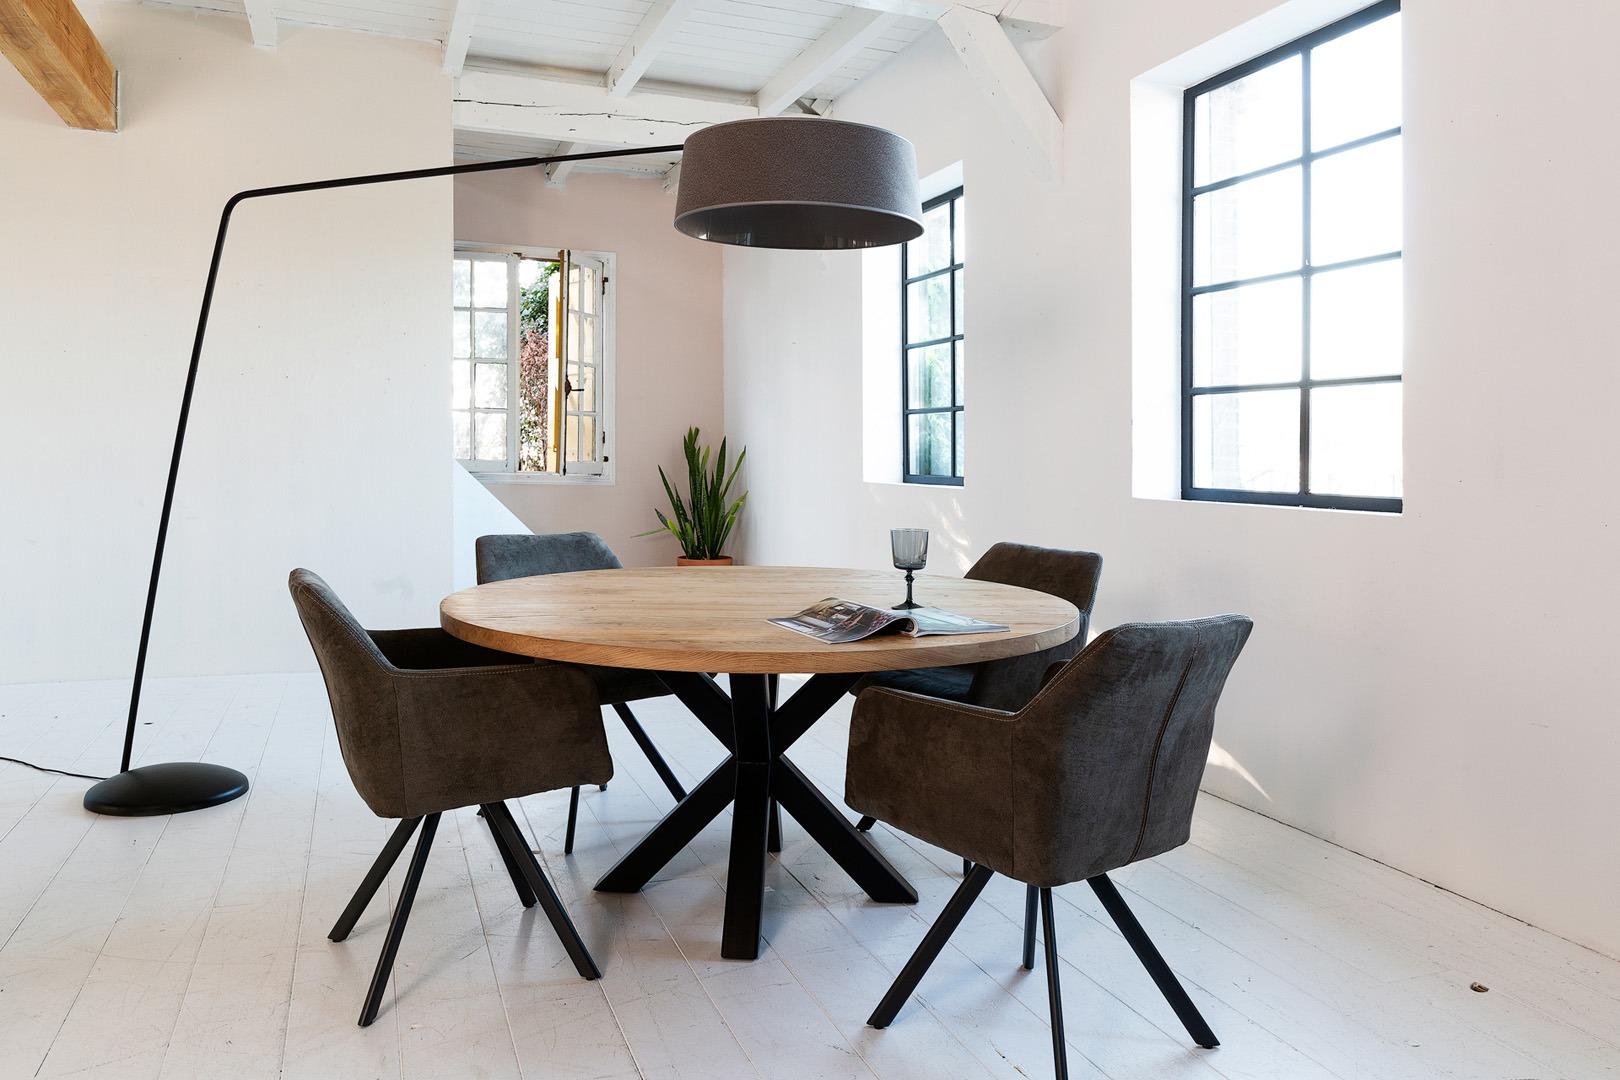 zanzibar-rond-tafel-hout-soofs-interieur-1- (1)